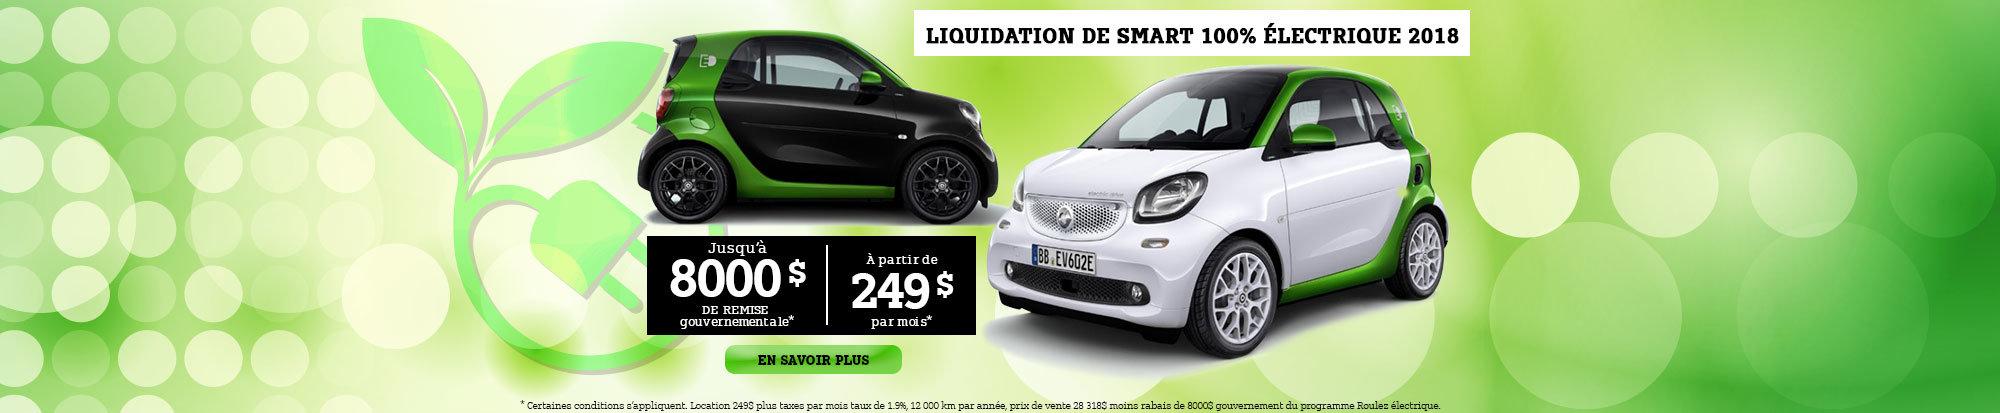 Liquidation de Smart électrique 2018 - web